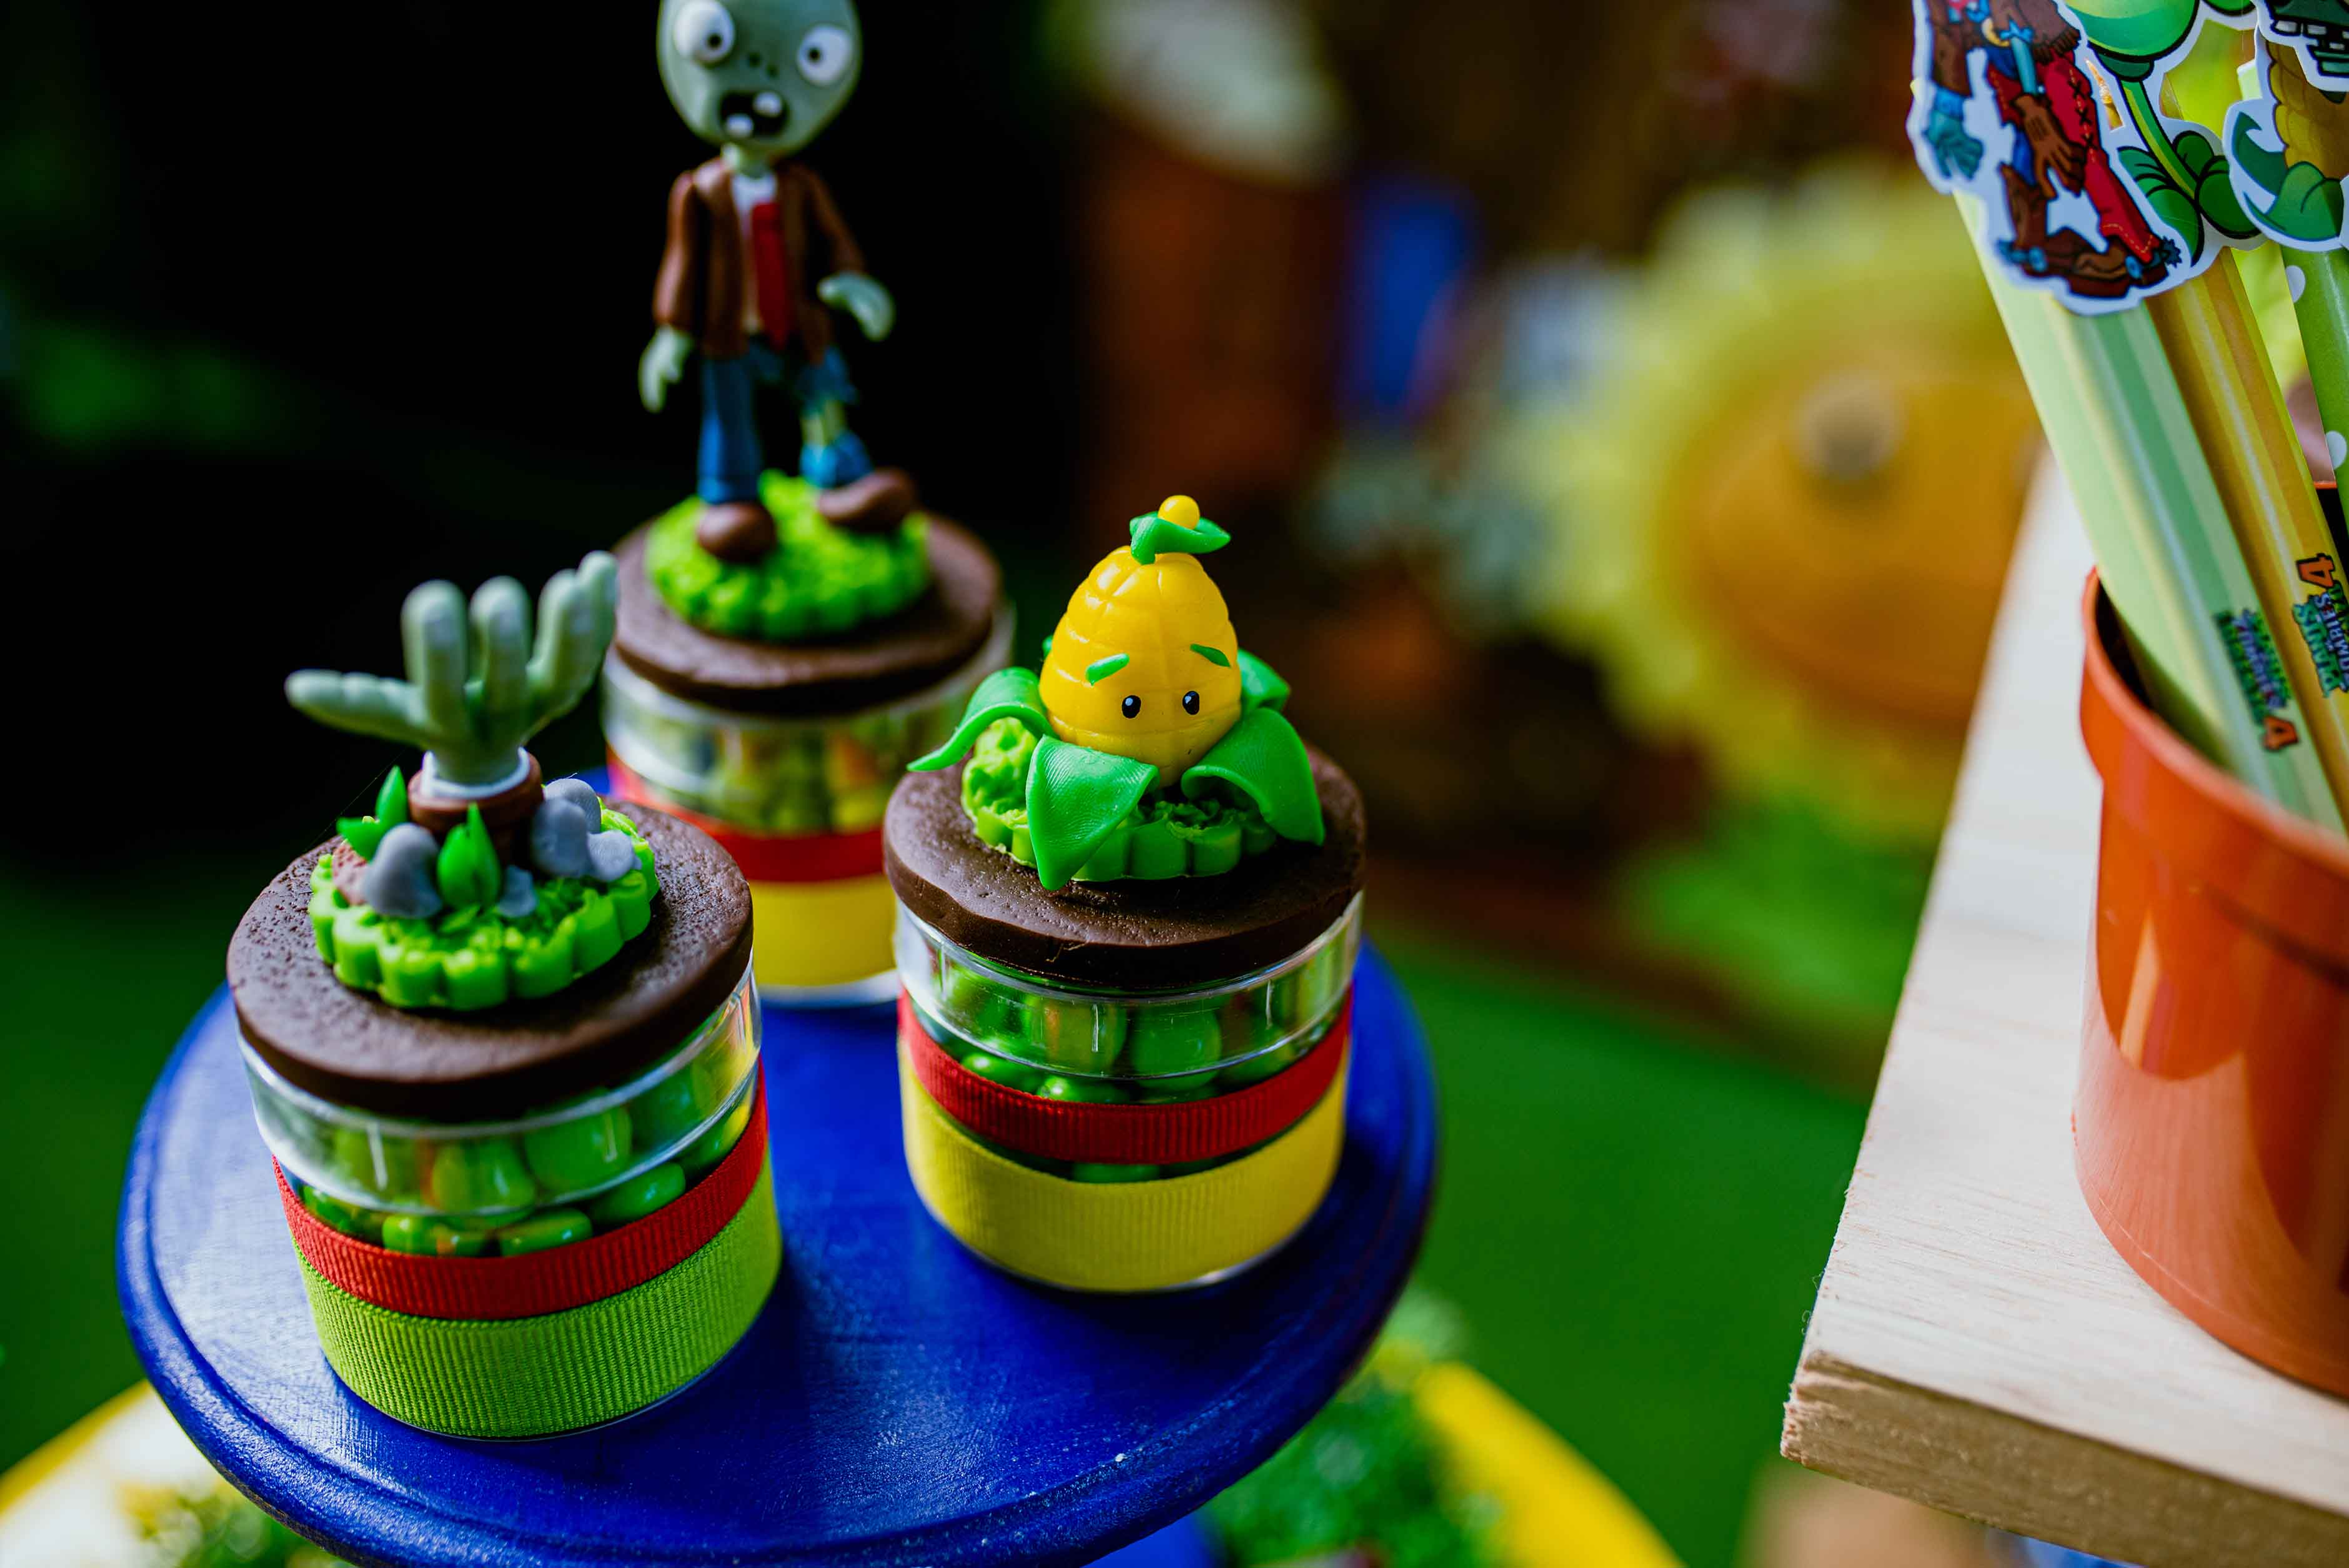 Fotos del cumpleaños de 4 de Lolo en Rosario realizadas por Bucle Fotografias Flor Bosio y Caro Clerici